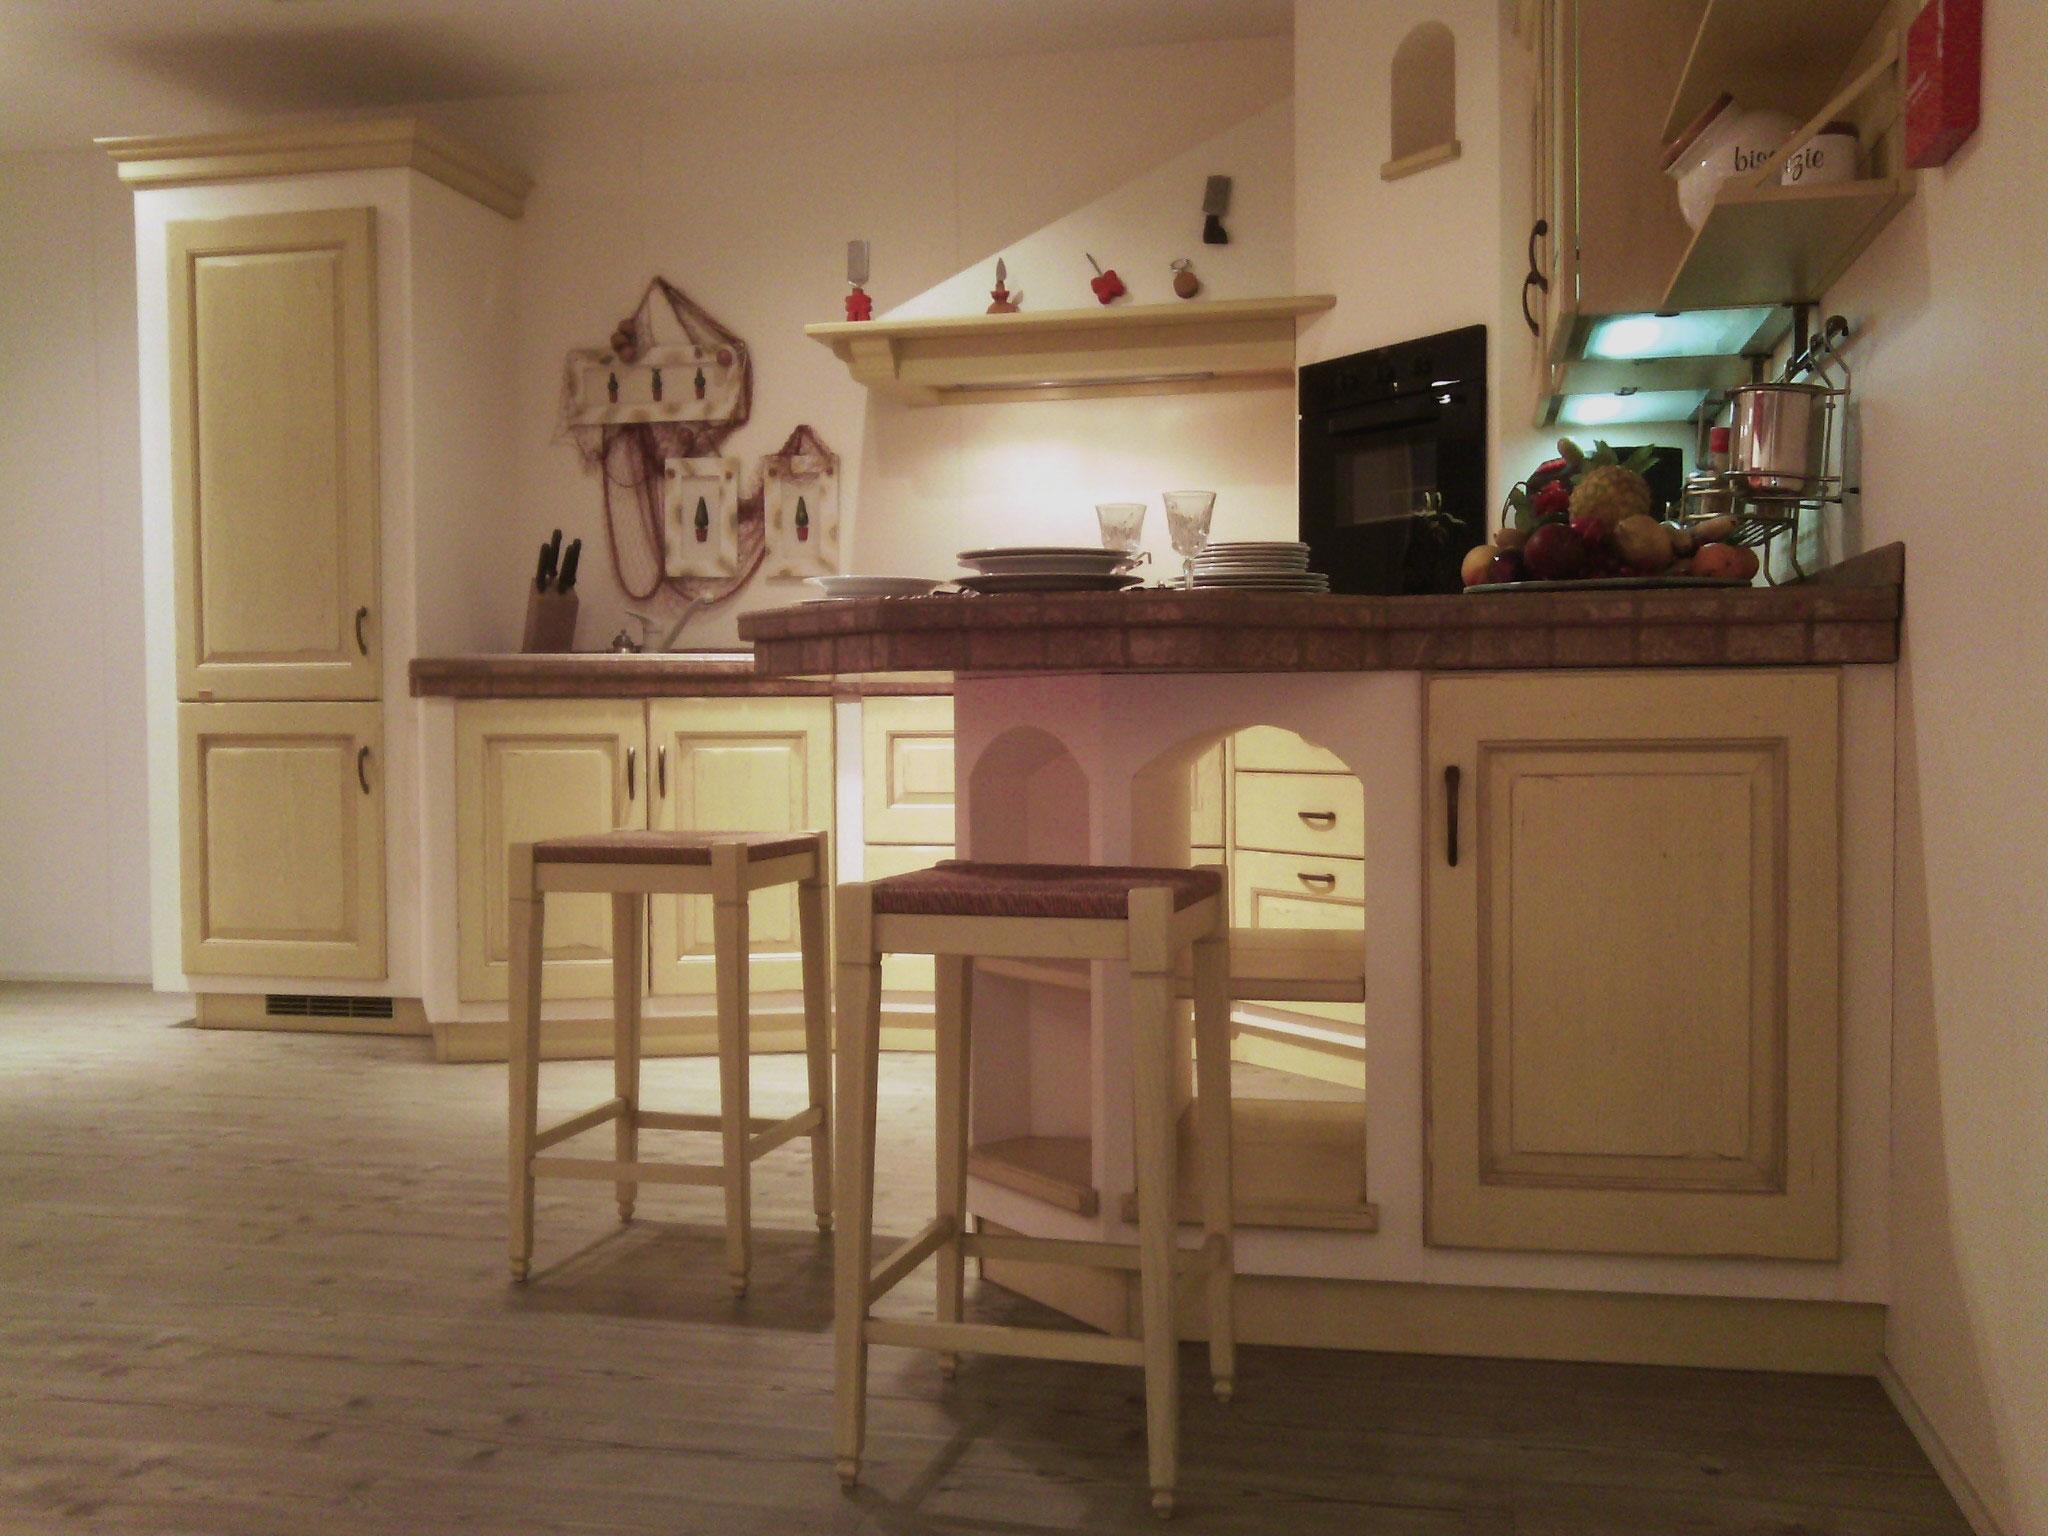 Cucine Scavolini Scontate : Ultimo saldo cucina scavolini belvedere cucine a prezzi